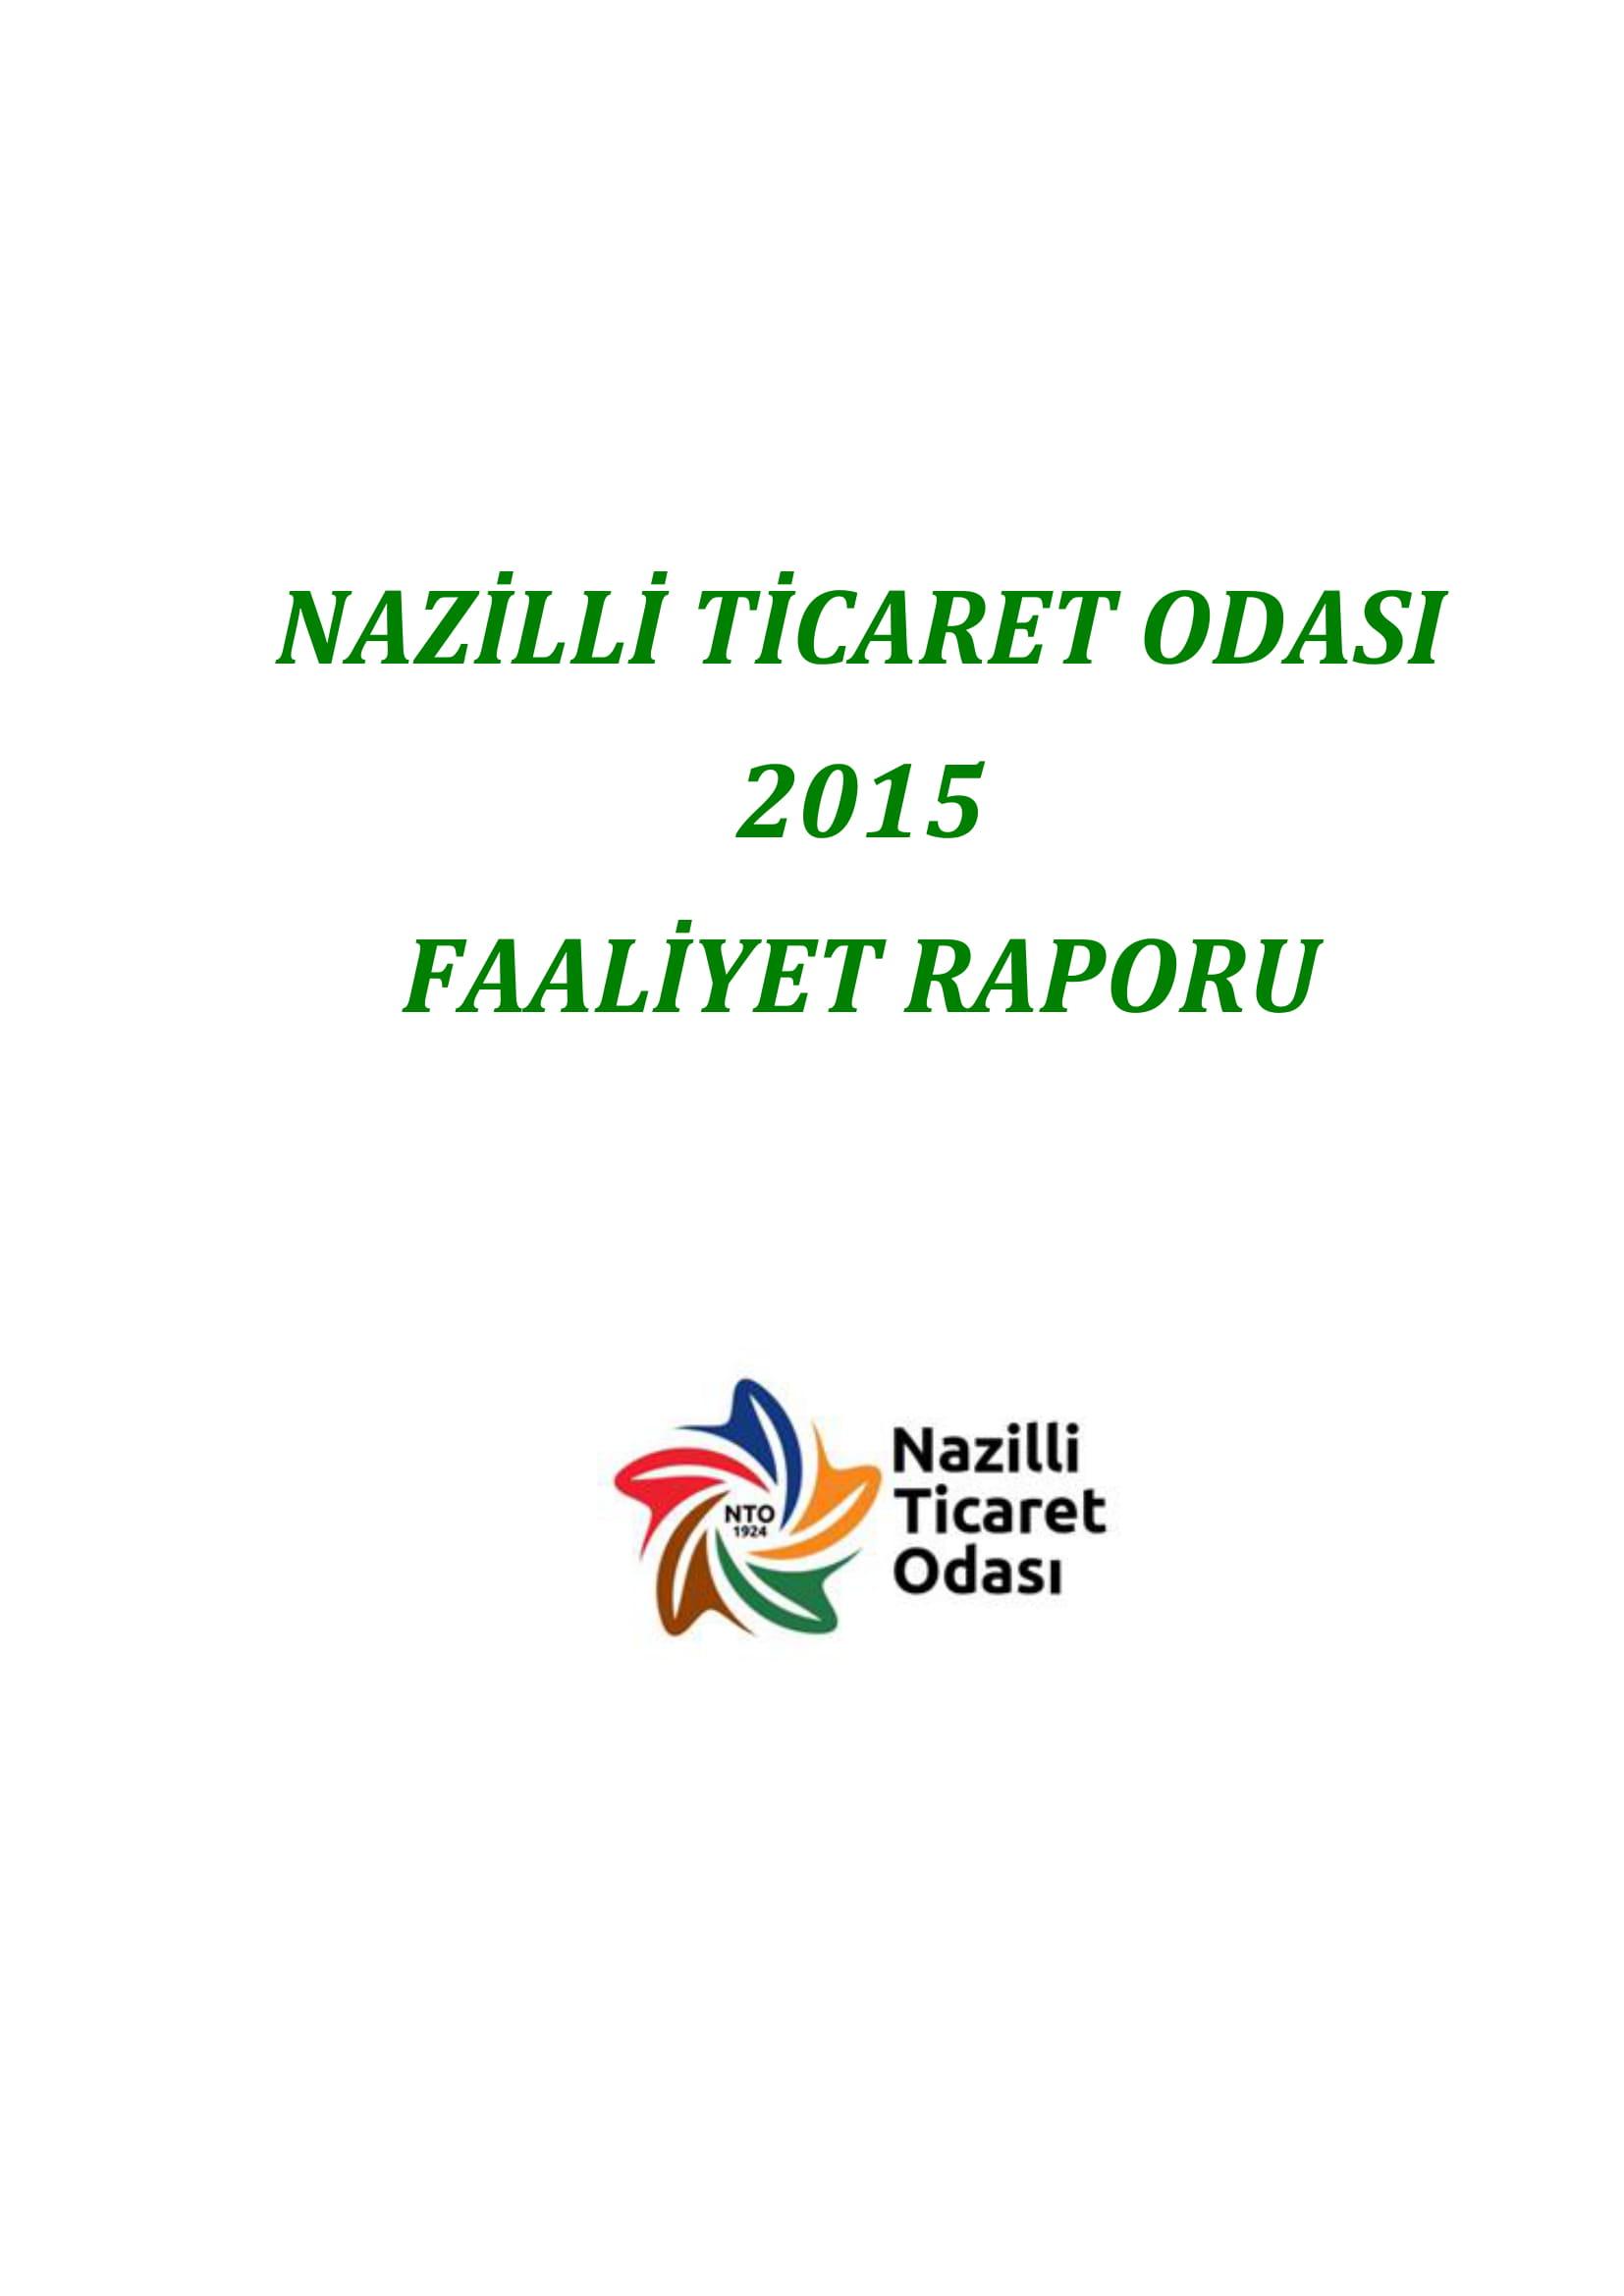 nto-faaliyet-raporu-2015-01